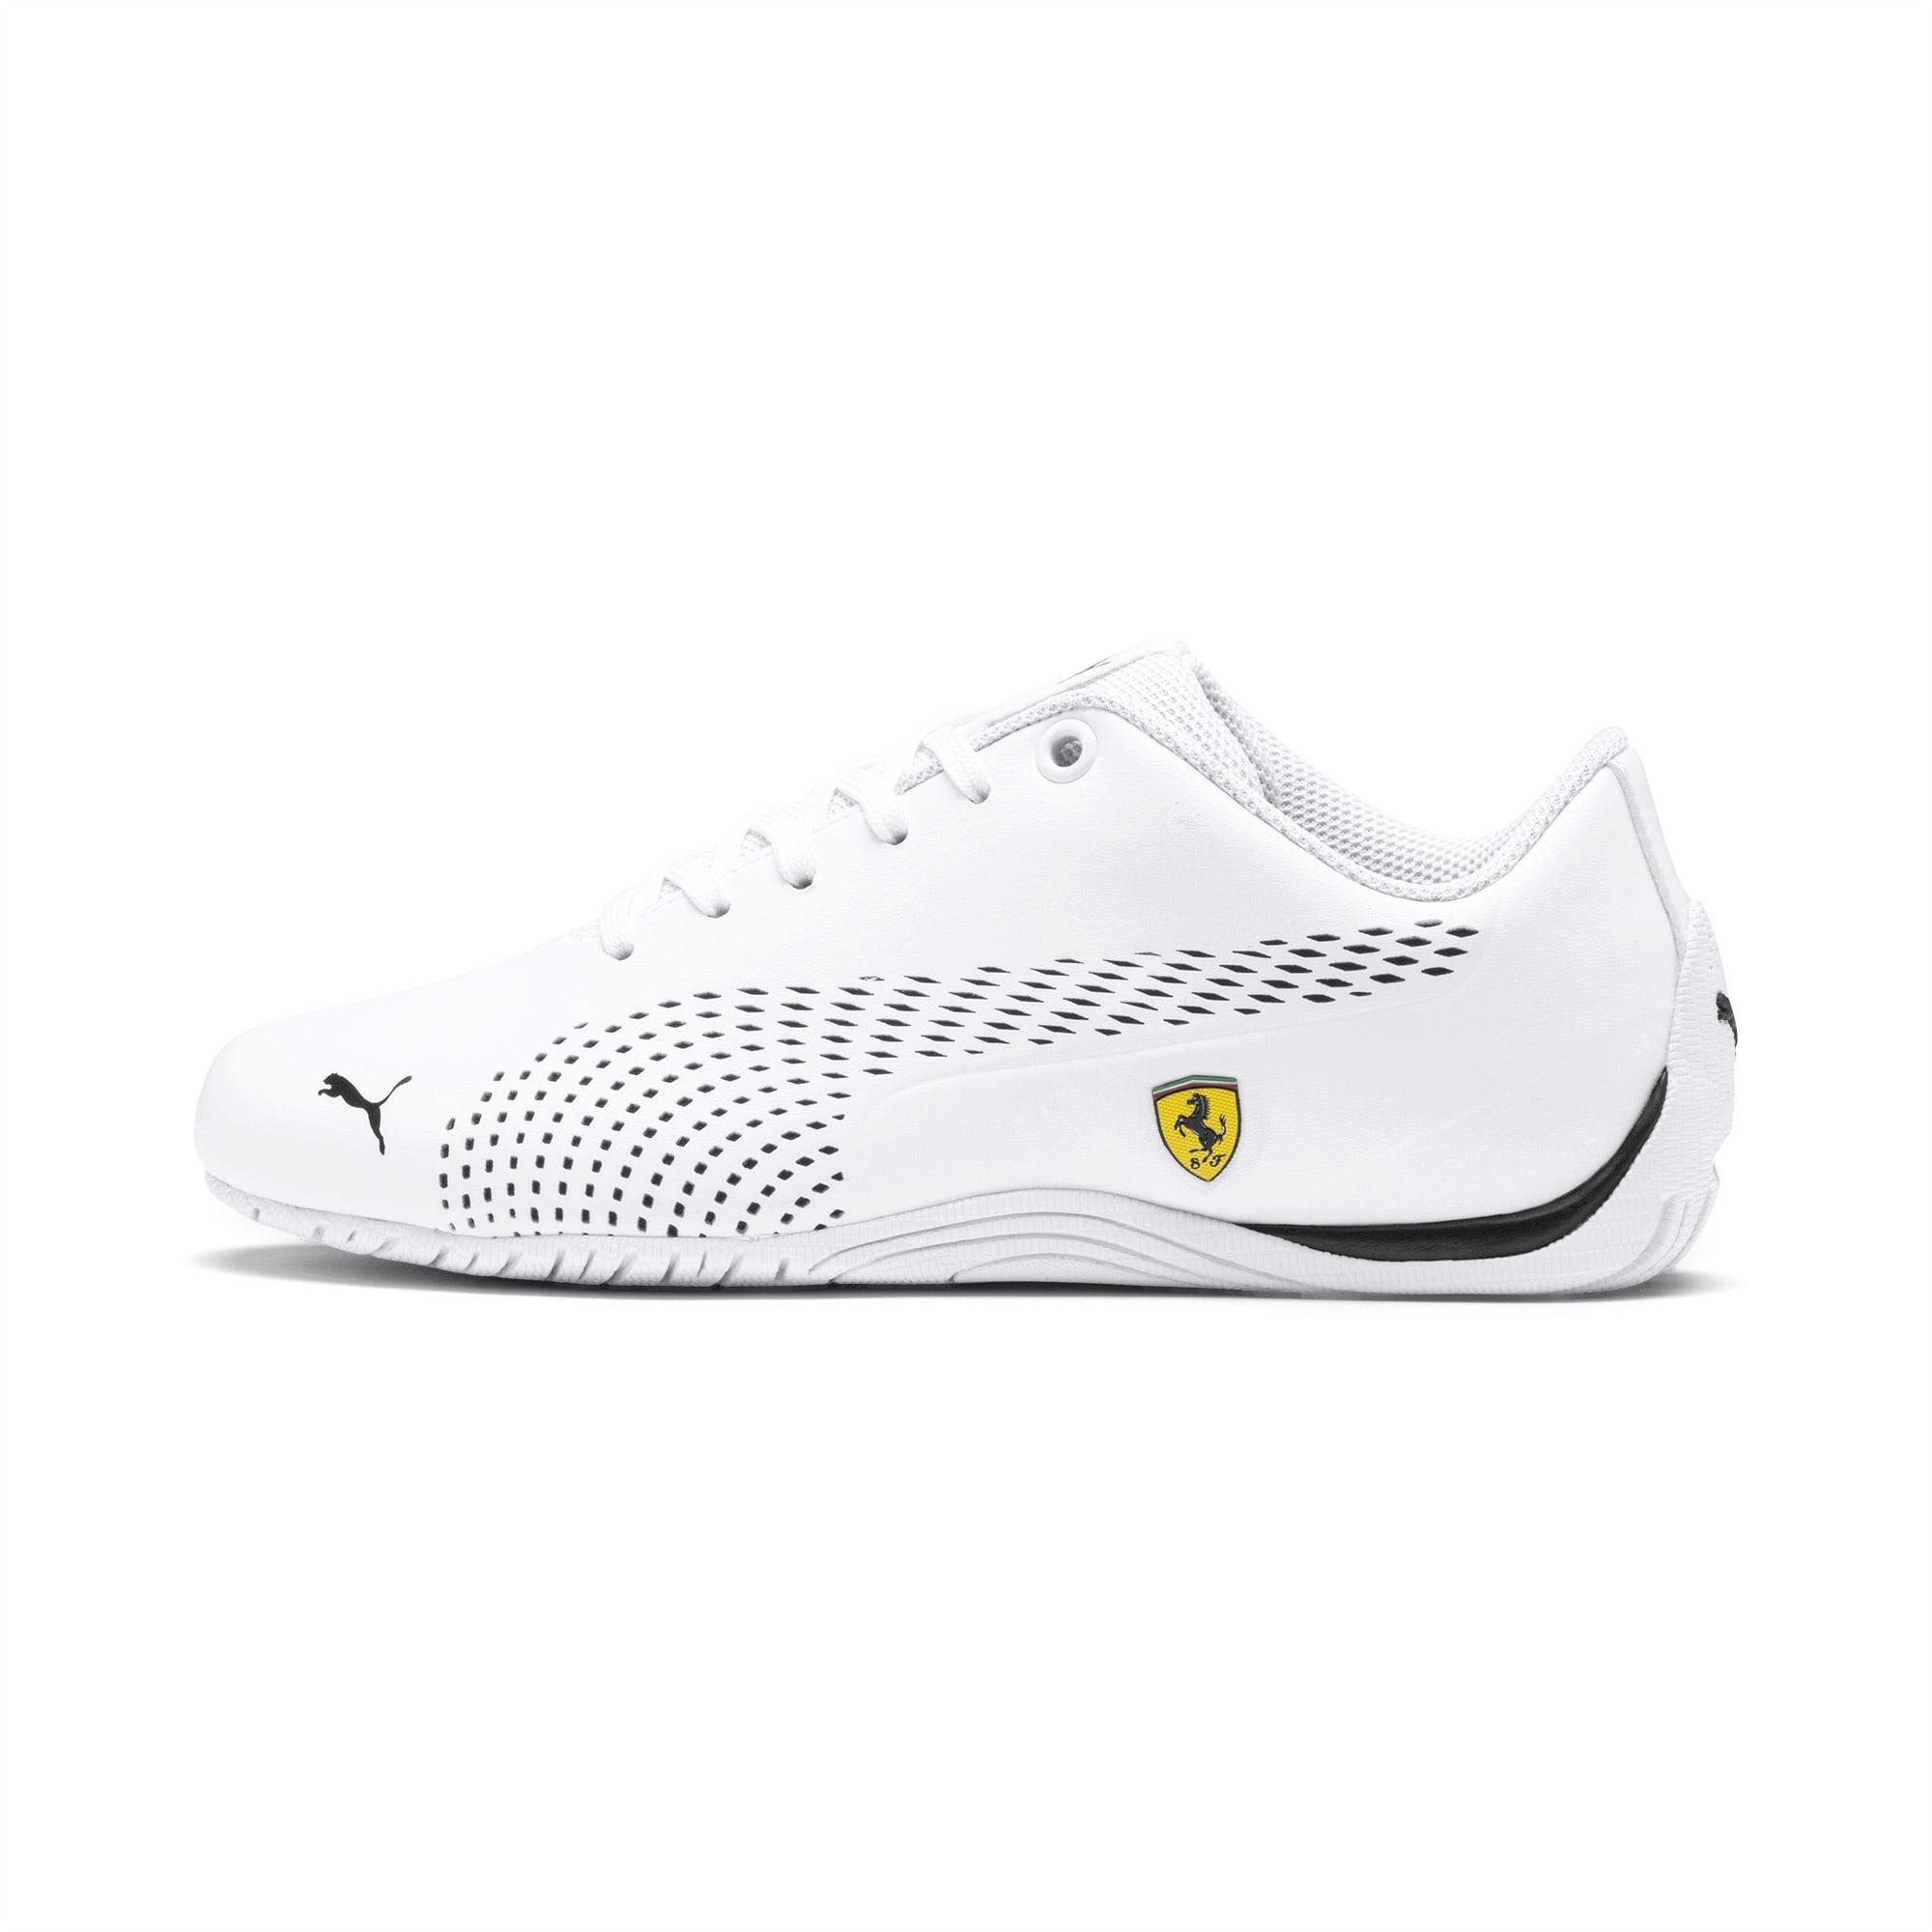 Scuderia Ferrari Drift Cat 5 Ultra II Shoes JR